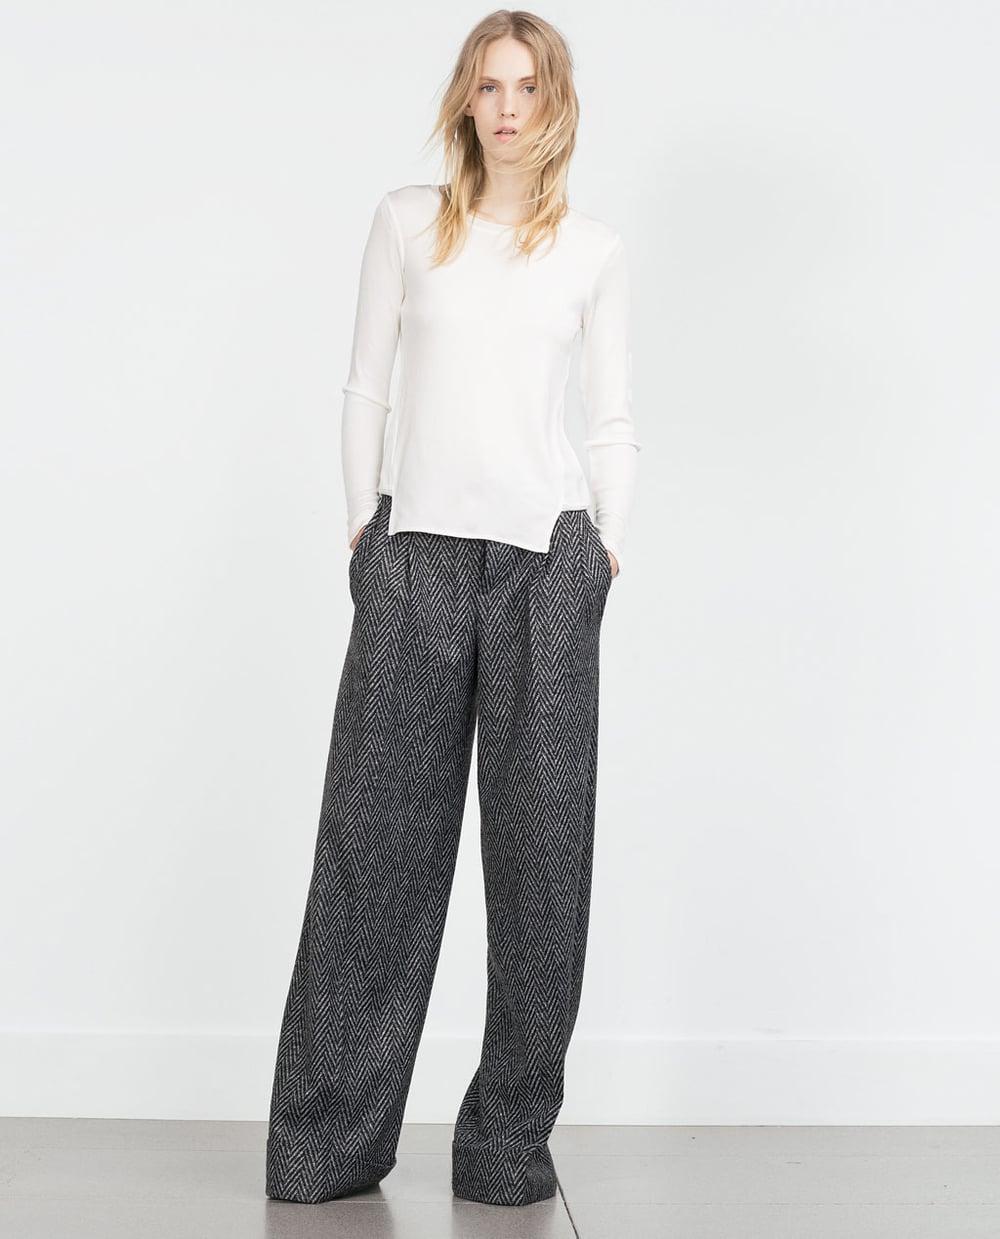 Knit Sweater. Zara. Was: $29 Now: $19.